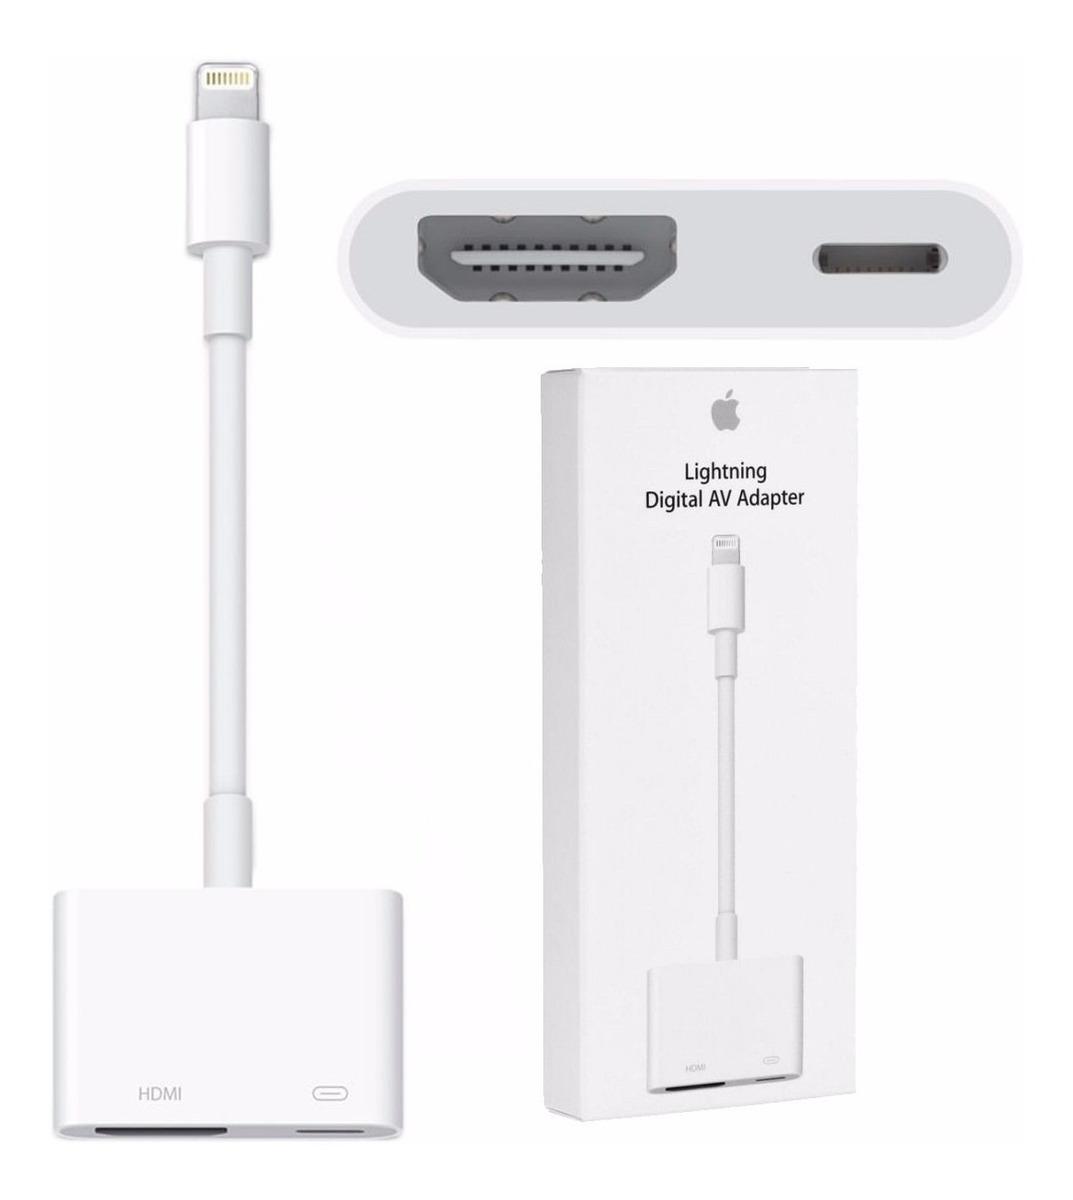 194cb5c54a0 adaptador apple lightning av digital hdmi iphone 7 8 x ipad. Carregando zoom .